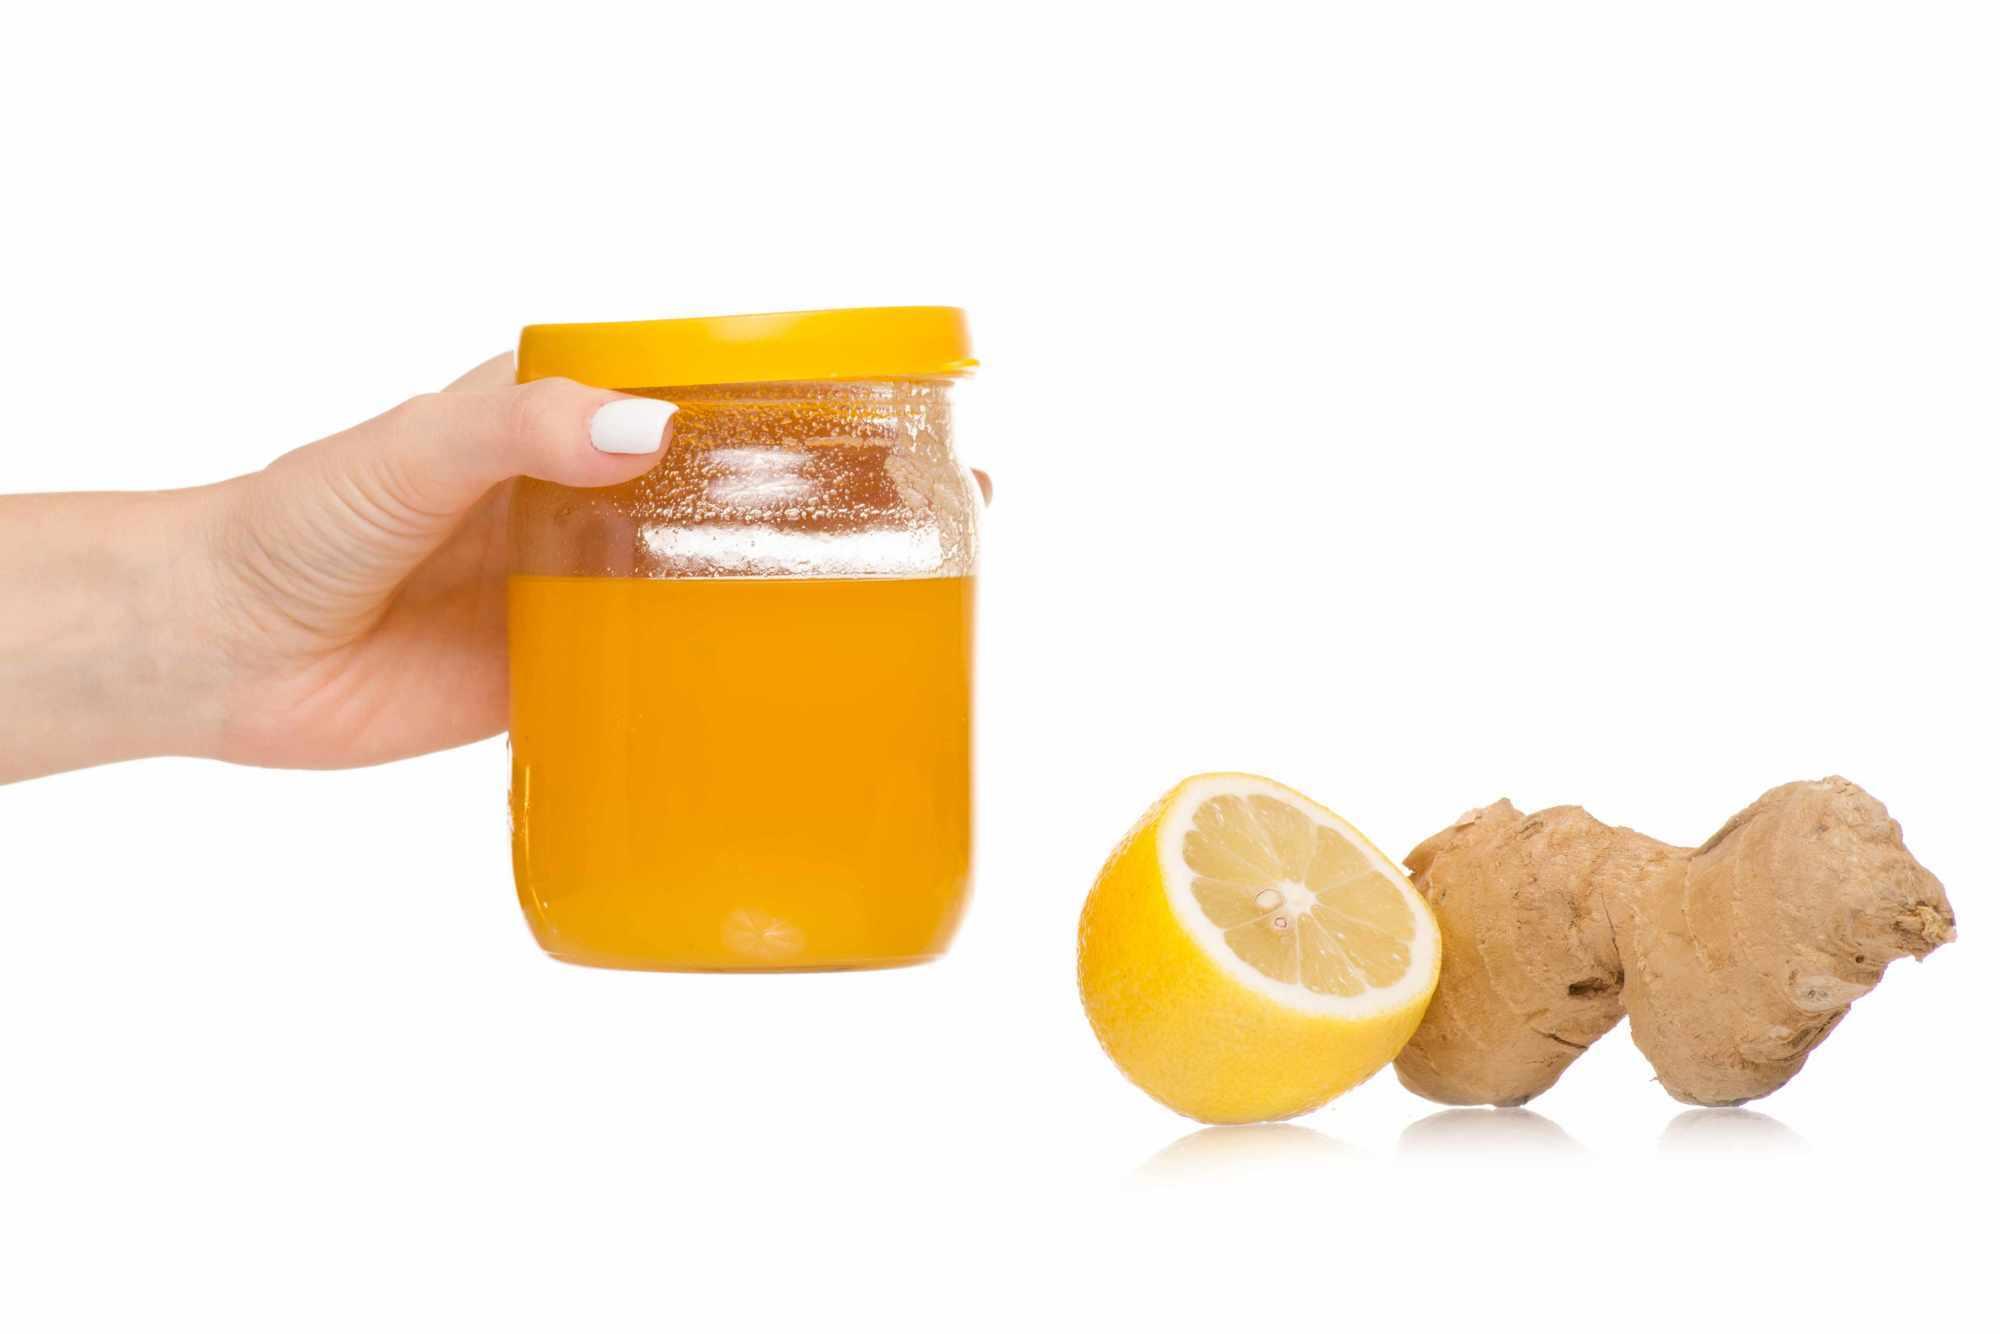 早上喝蜂蜜白醋水_喝蜂蜜水会越来越胖吗?建议:这样喝蜂蜜水,5天后看身材改变 ...